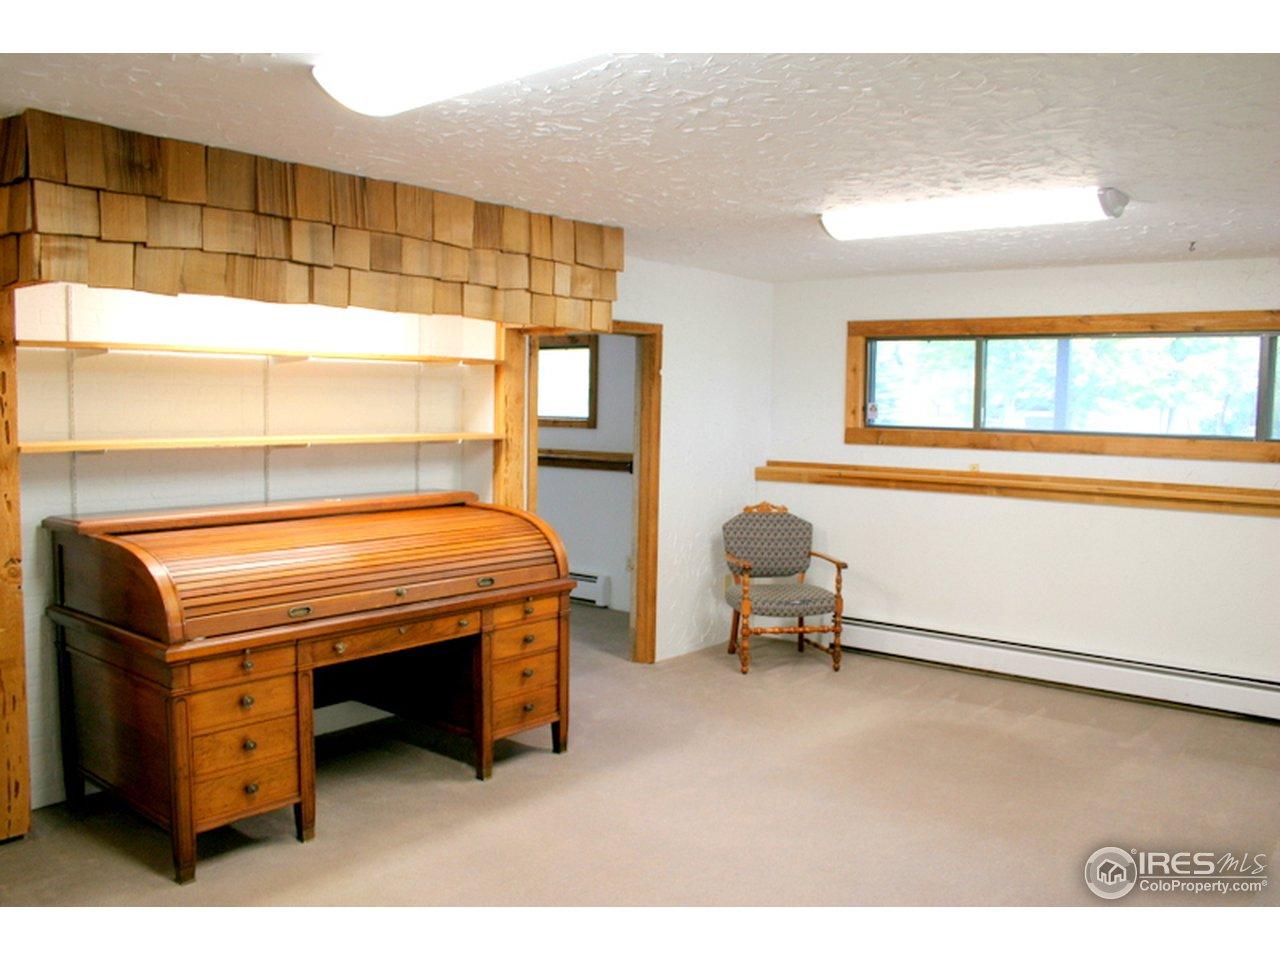 Rec Room in Basement